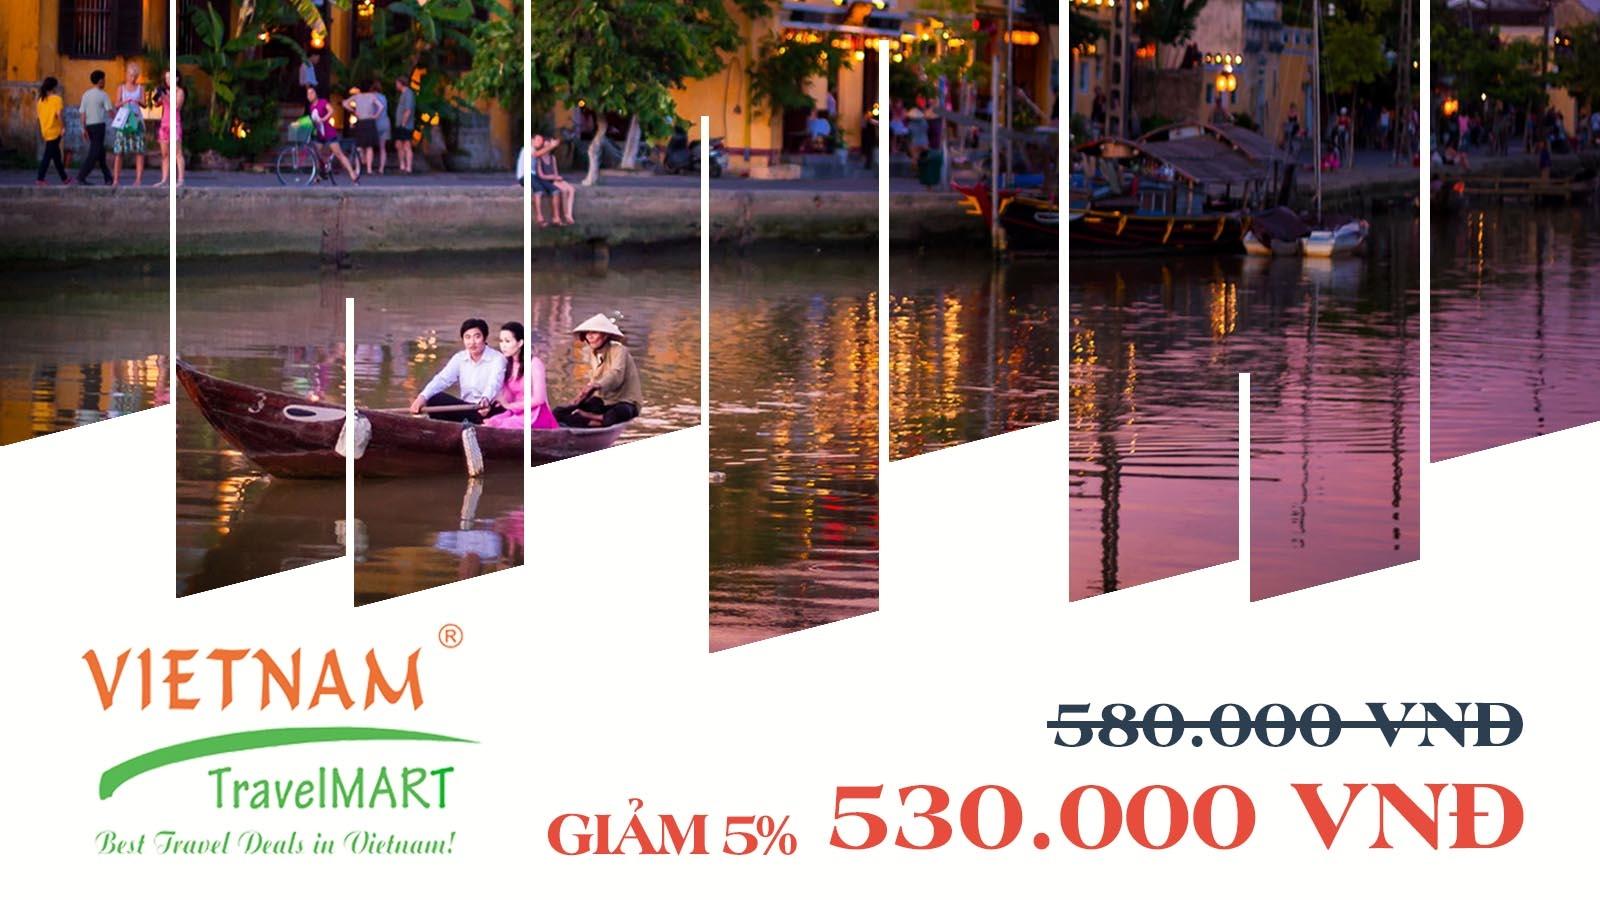 VIETNAM TRAVELMART JSC | GIẢM 5% TOURHỘI AN - KIM BỒNG - THANH HÀ